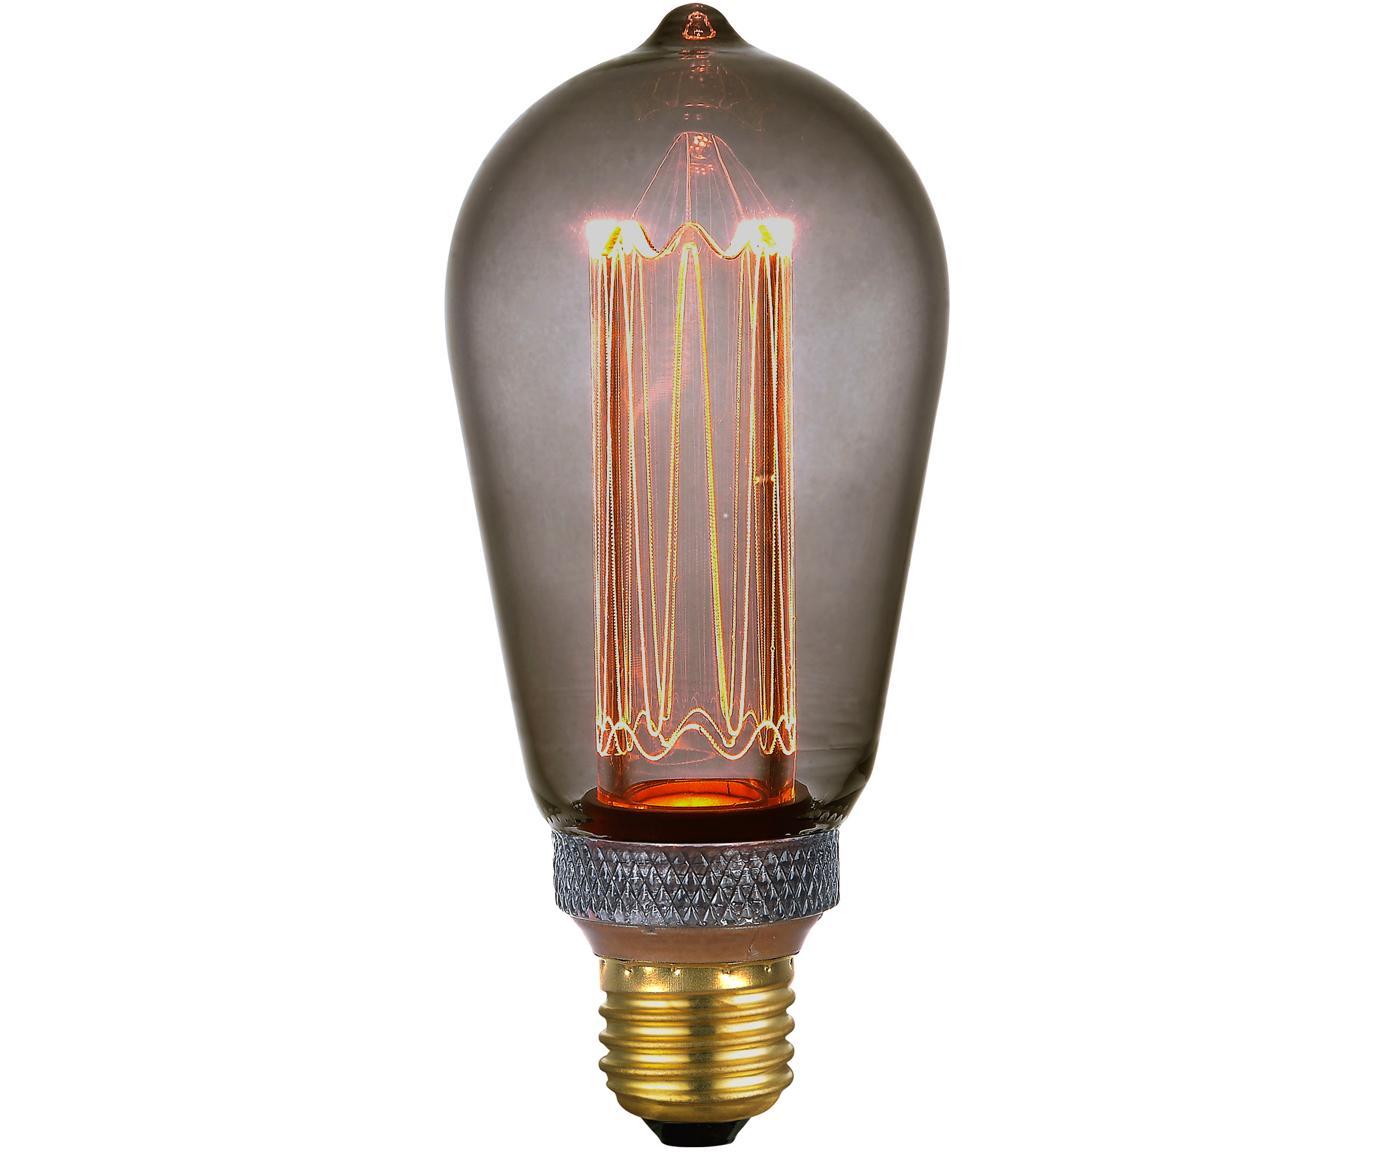 Lampadina a LED dimmerabile Colors Drop (E27 / 5Watt), Vetro, metallo rivestito, Grigio trasparente, Ø 6 x Alt. 14 cm